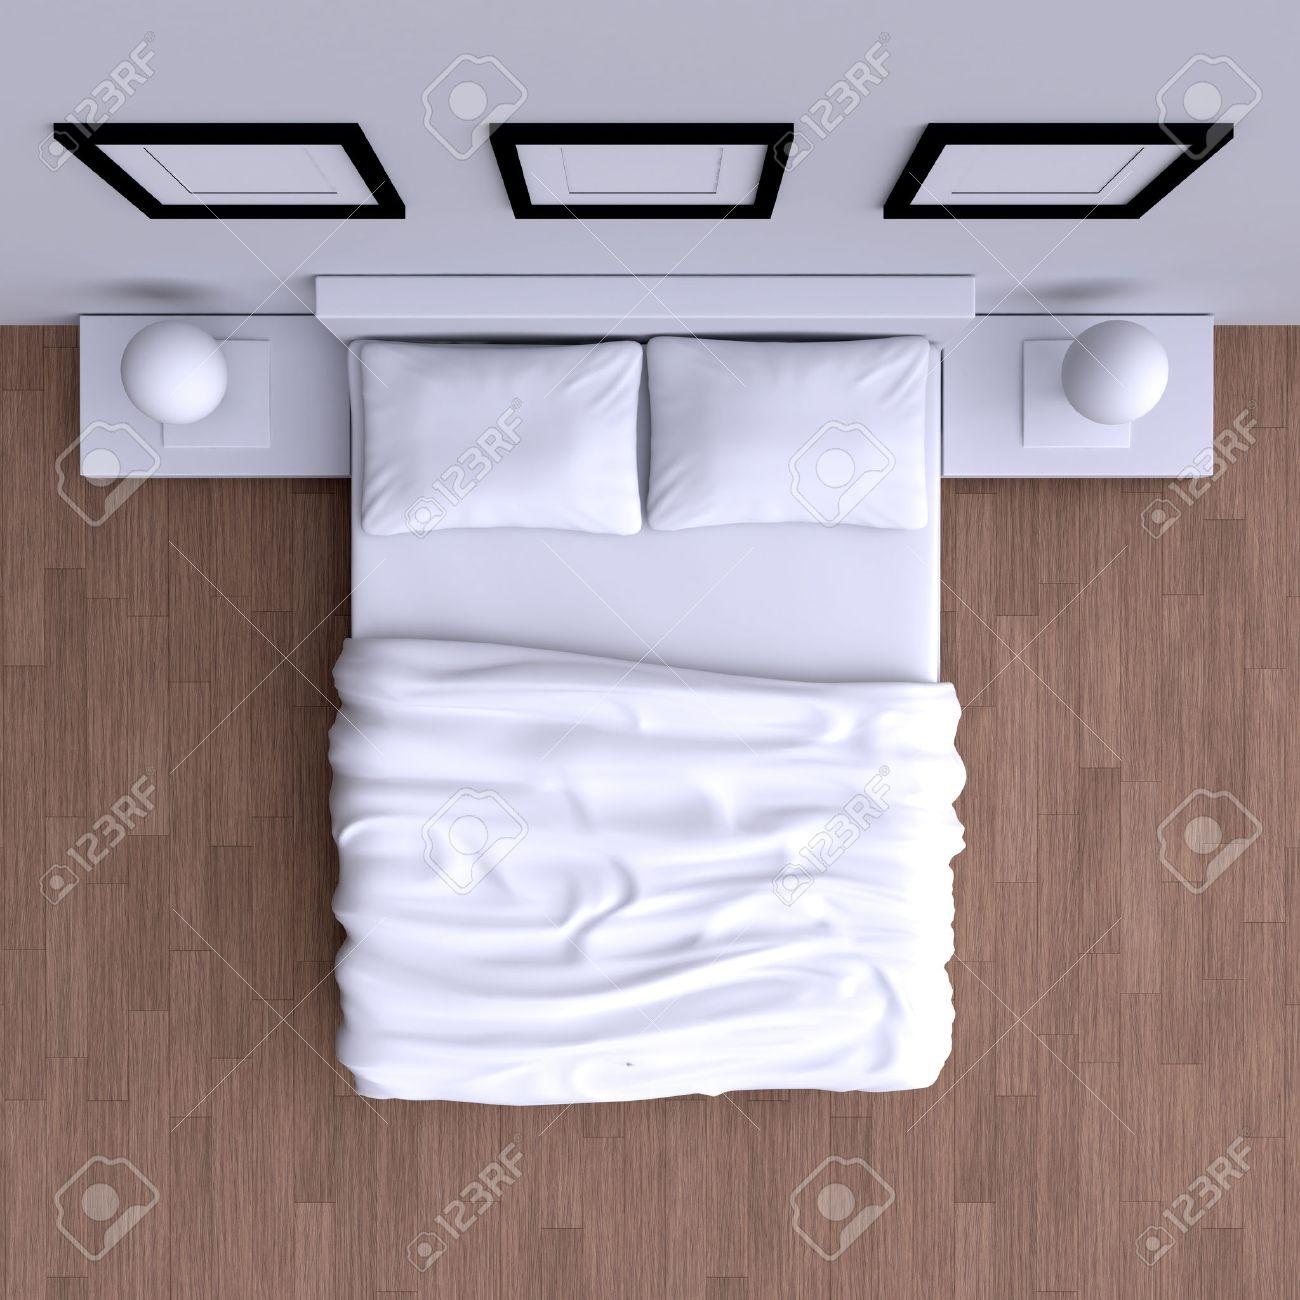 Slaapkamer royalty vrije foto's, plaatjes, beelden en stock fotografie